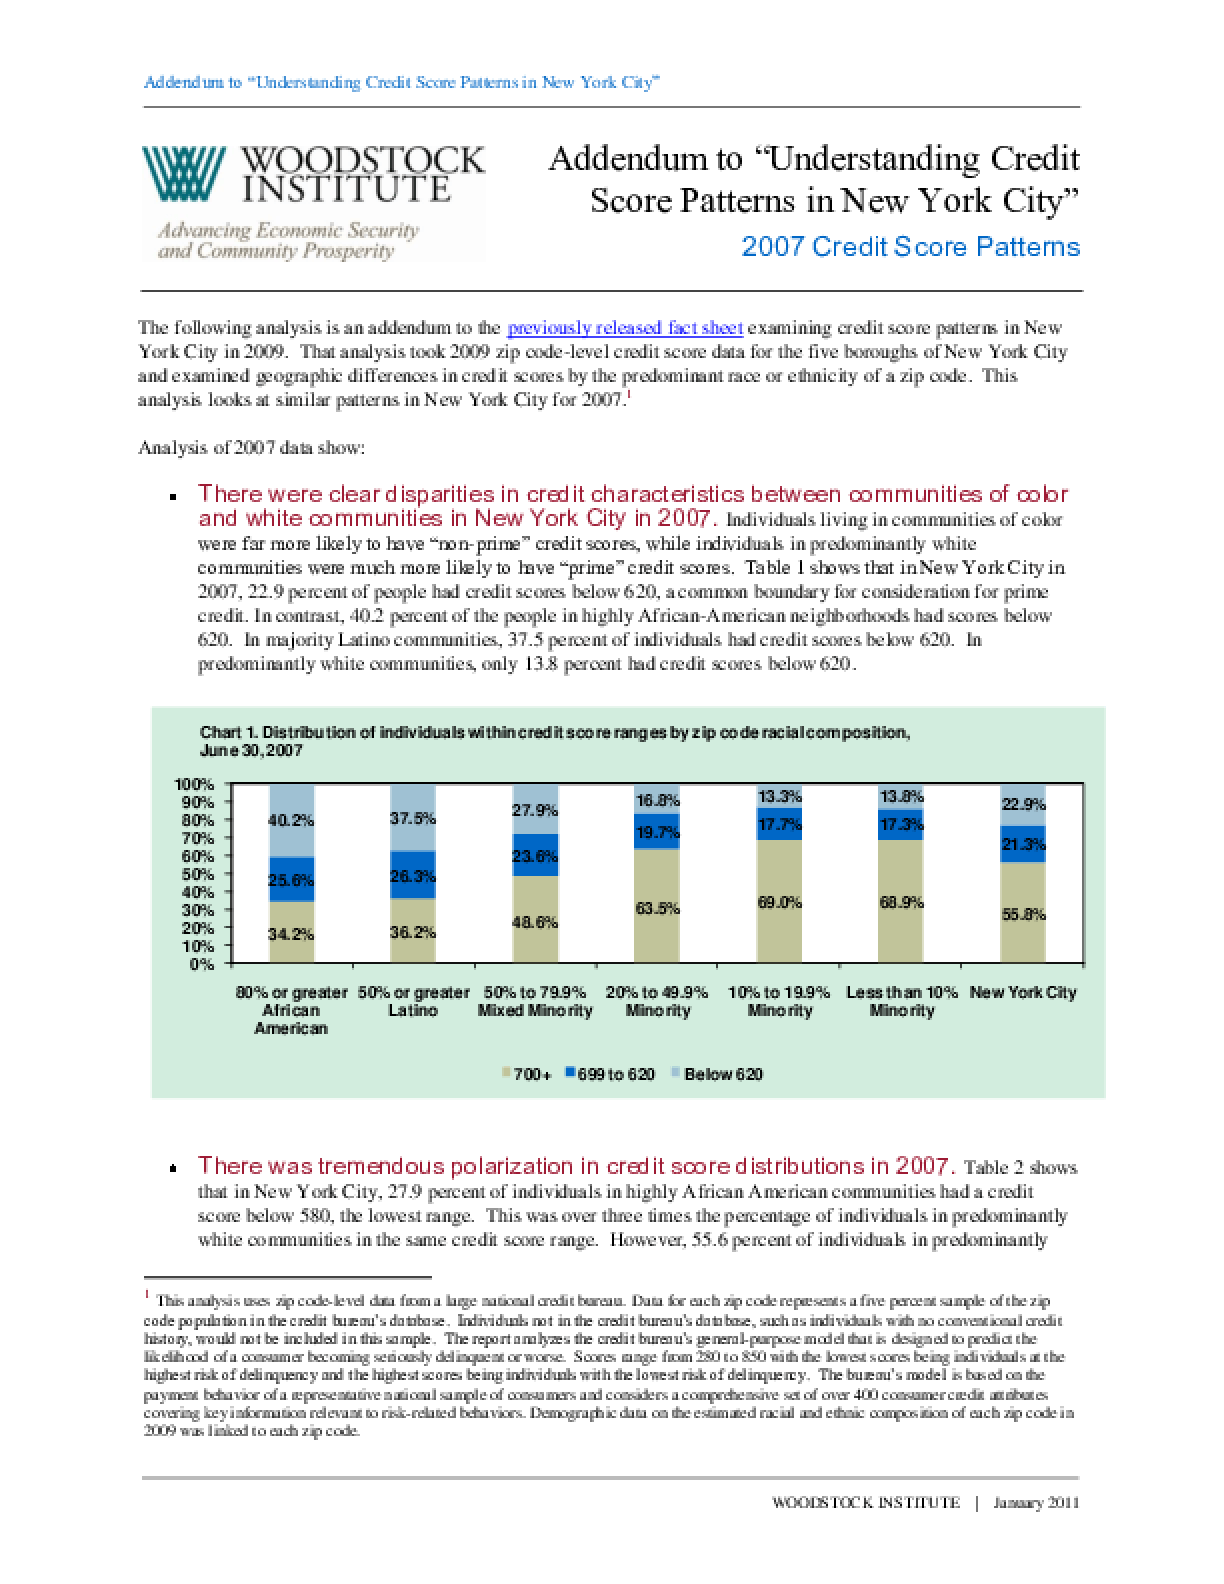 Addendum to Understanding Credit Score Patterns in New York City